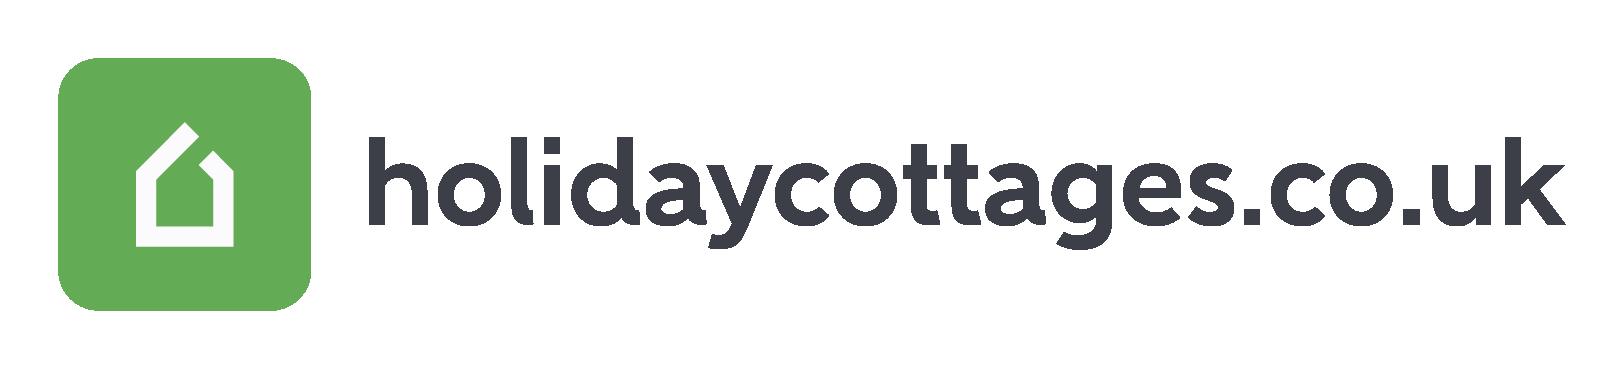 HC_logo_1.png